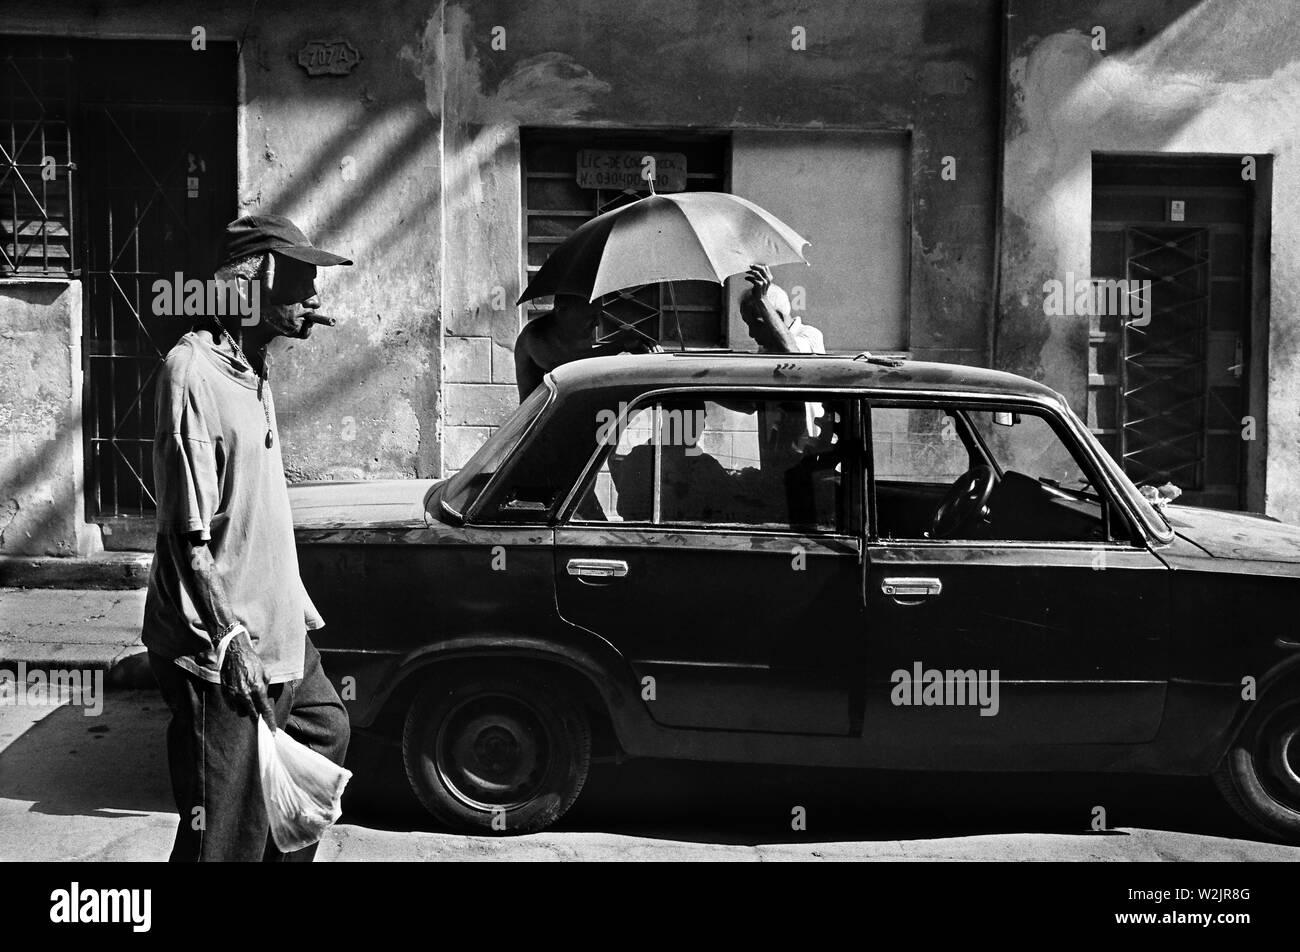 Street scene in Havana - Stock Image